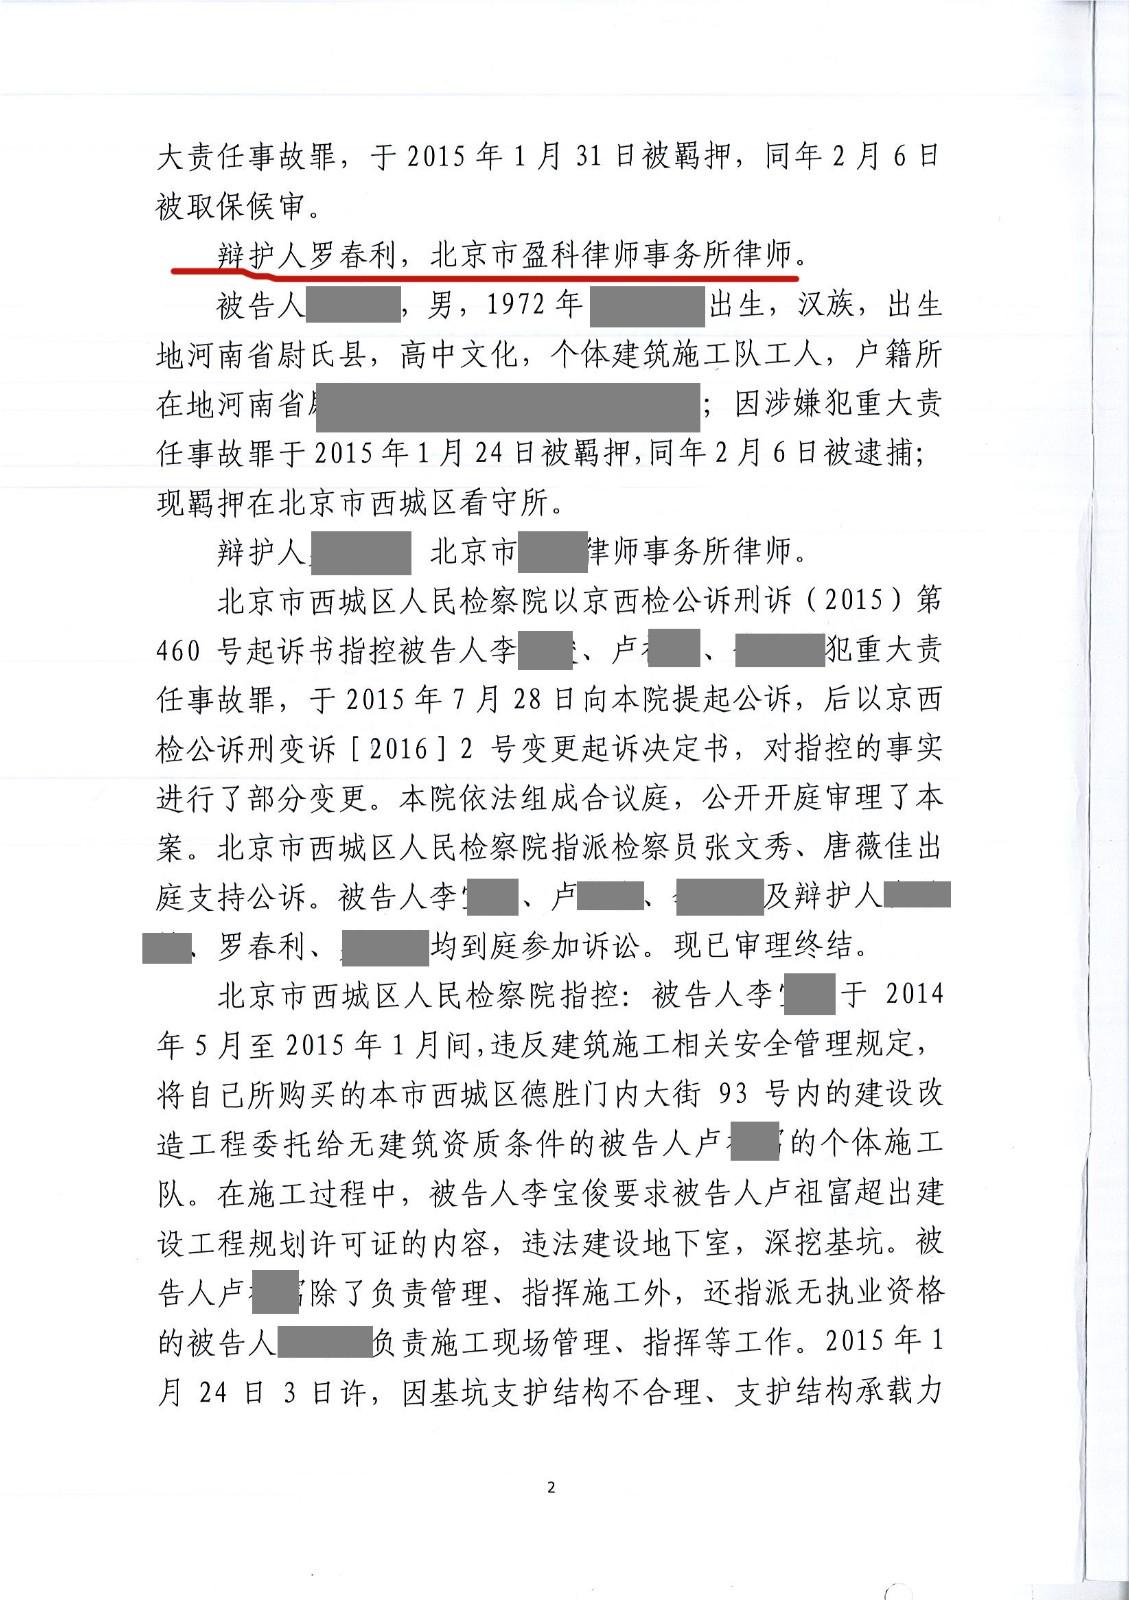 卢祖富(卢宇)刑事判决书-222.jpg